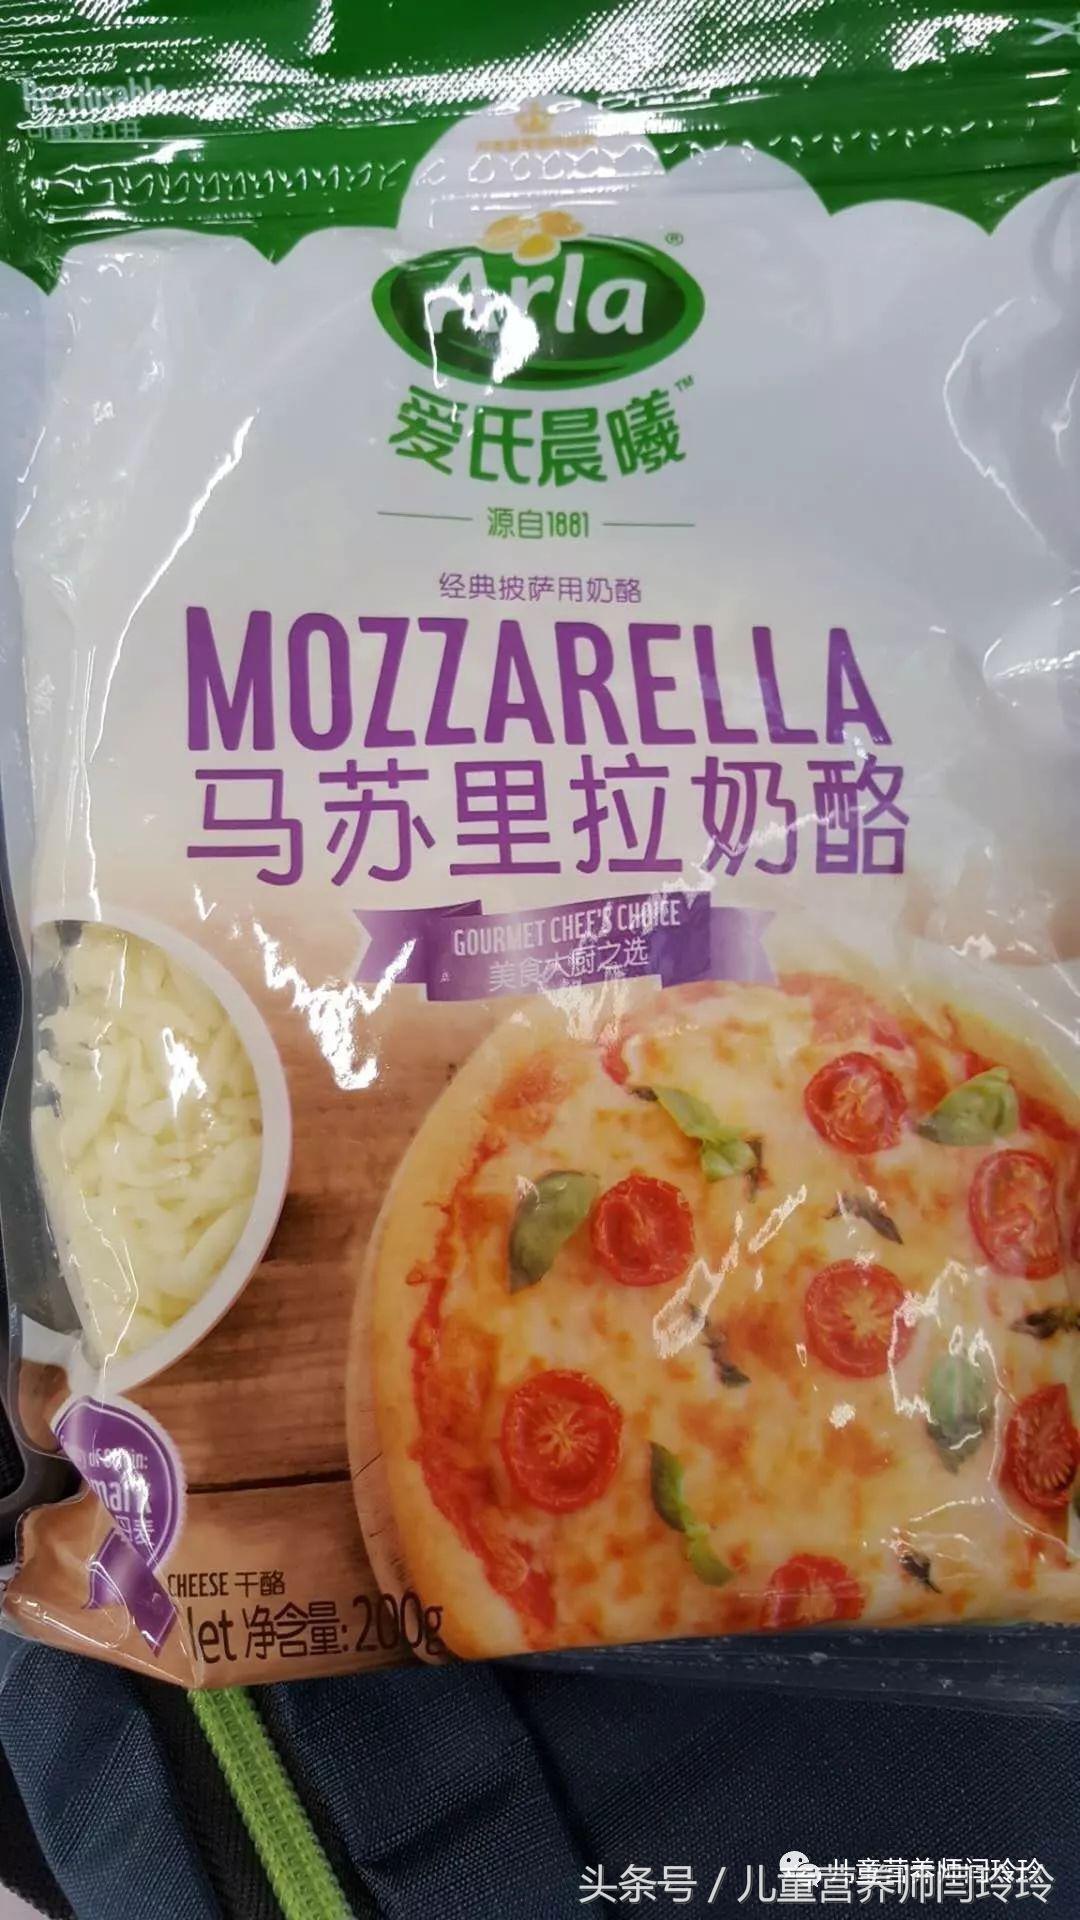 我在超市常买的几款奶酪分享给大家,一起看看如何给孩子选奶酪